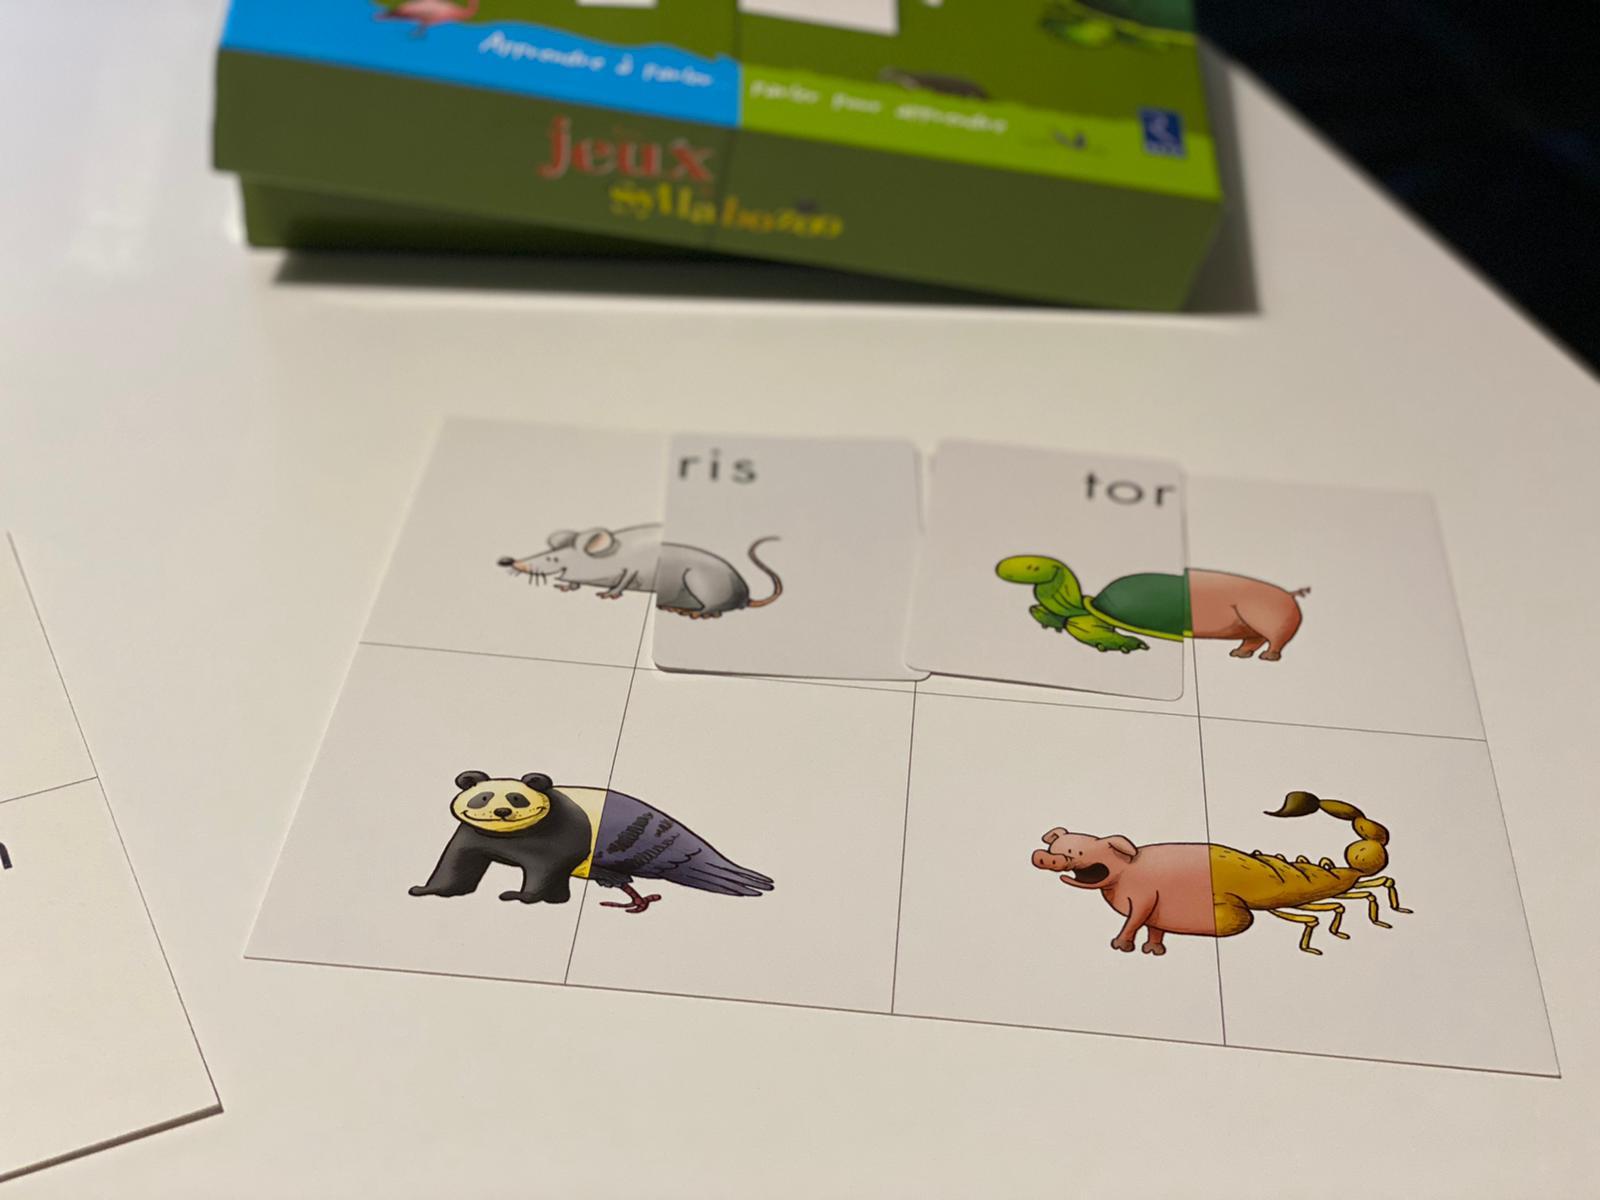 Jeux de syllabes pour apprendre à lire